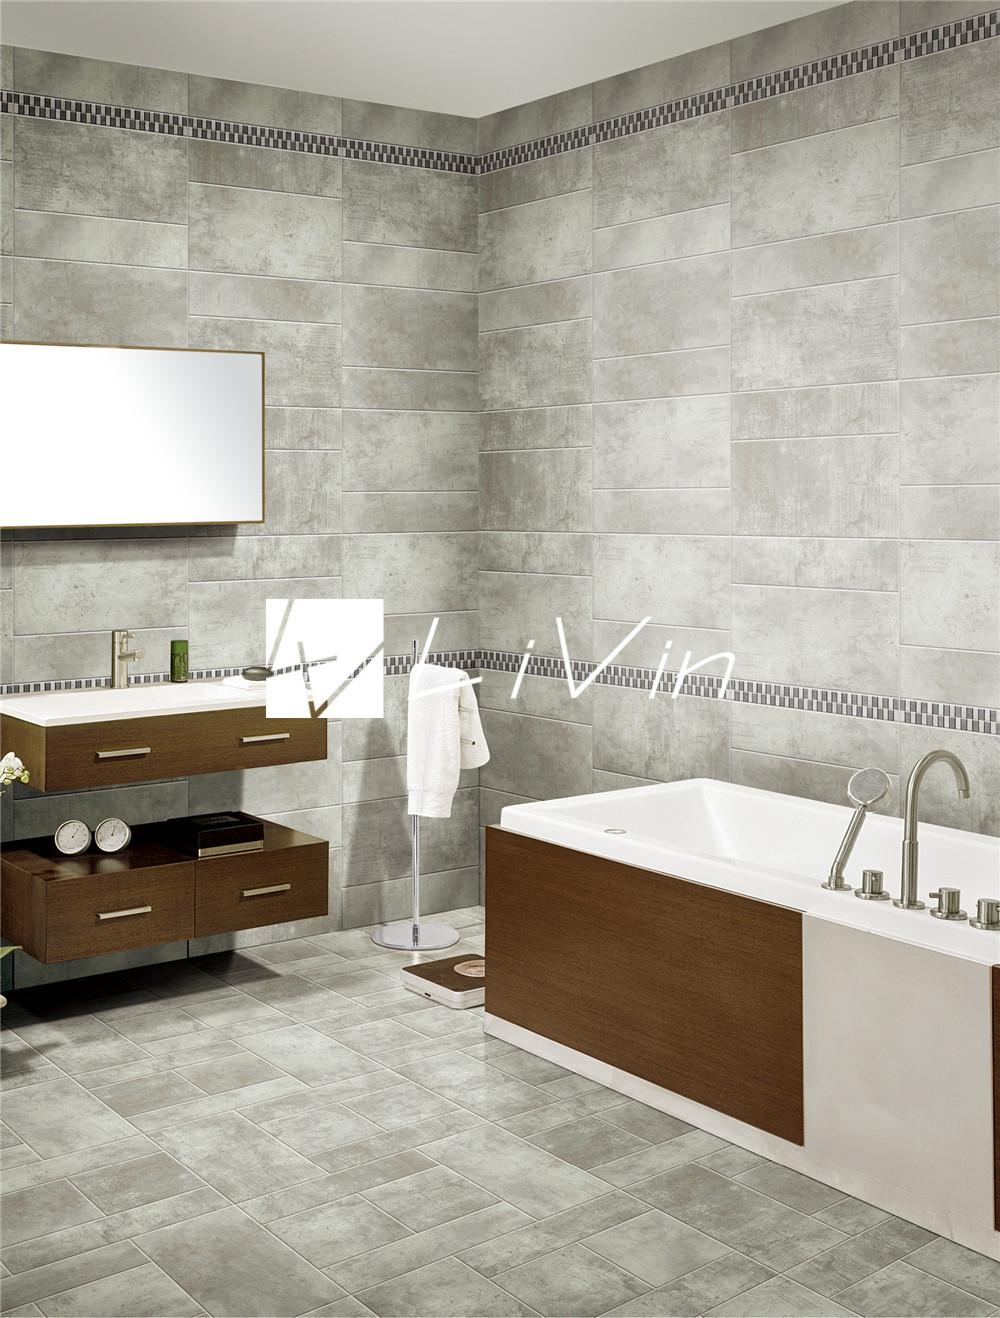 Foshan Famous Brand- Bathroom Tile Design Cement Tile Floor Tile ...